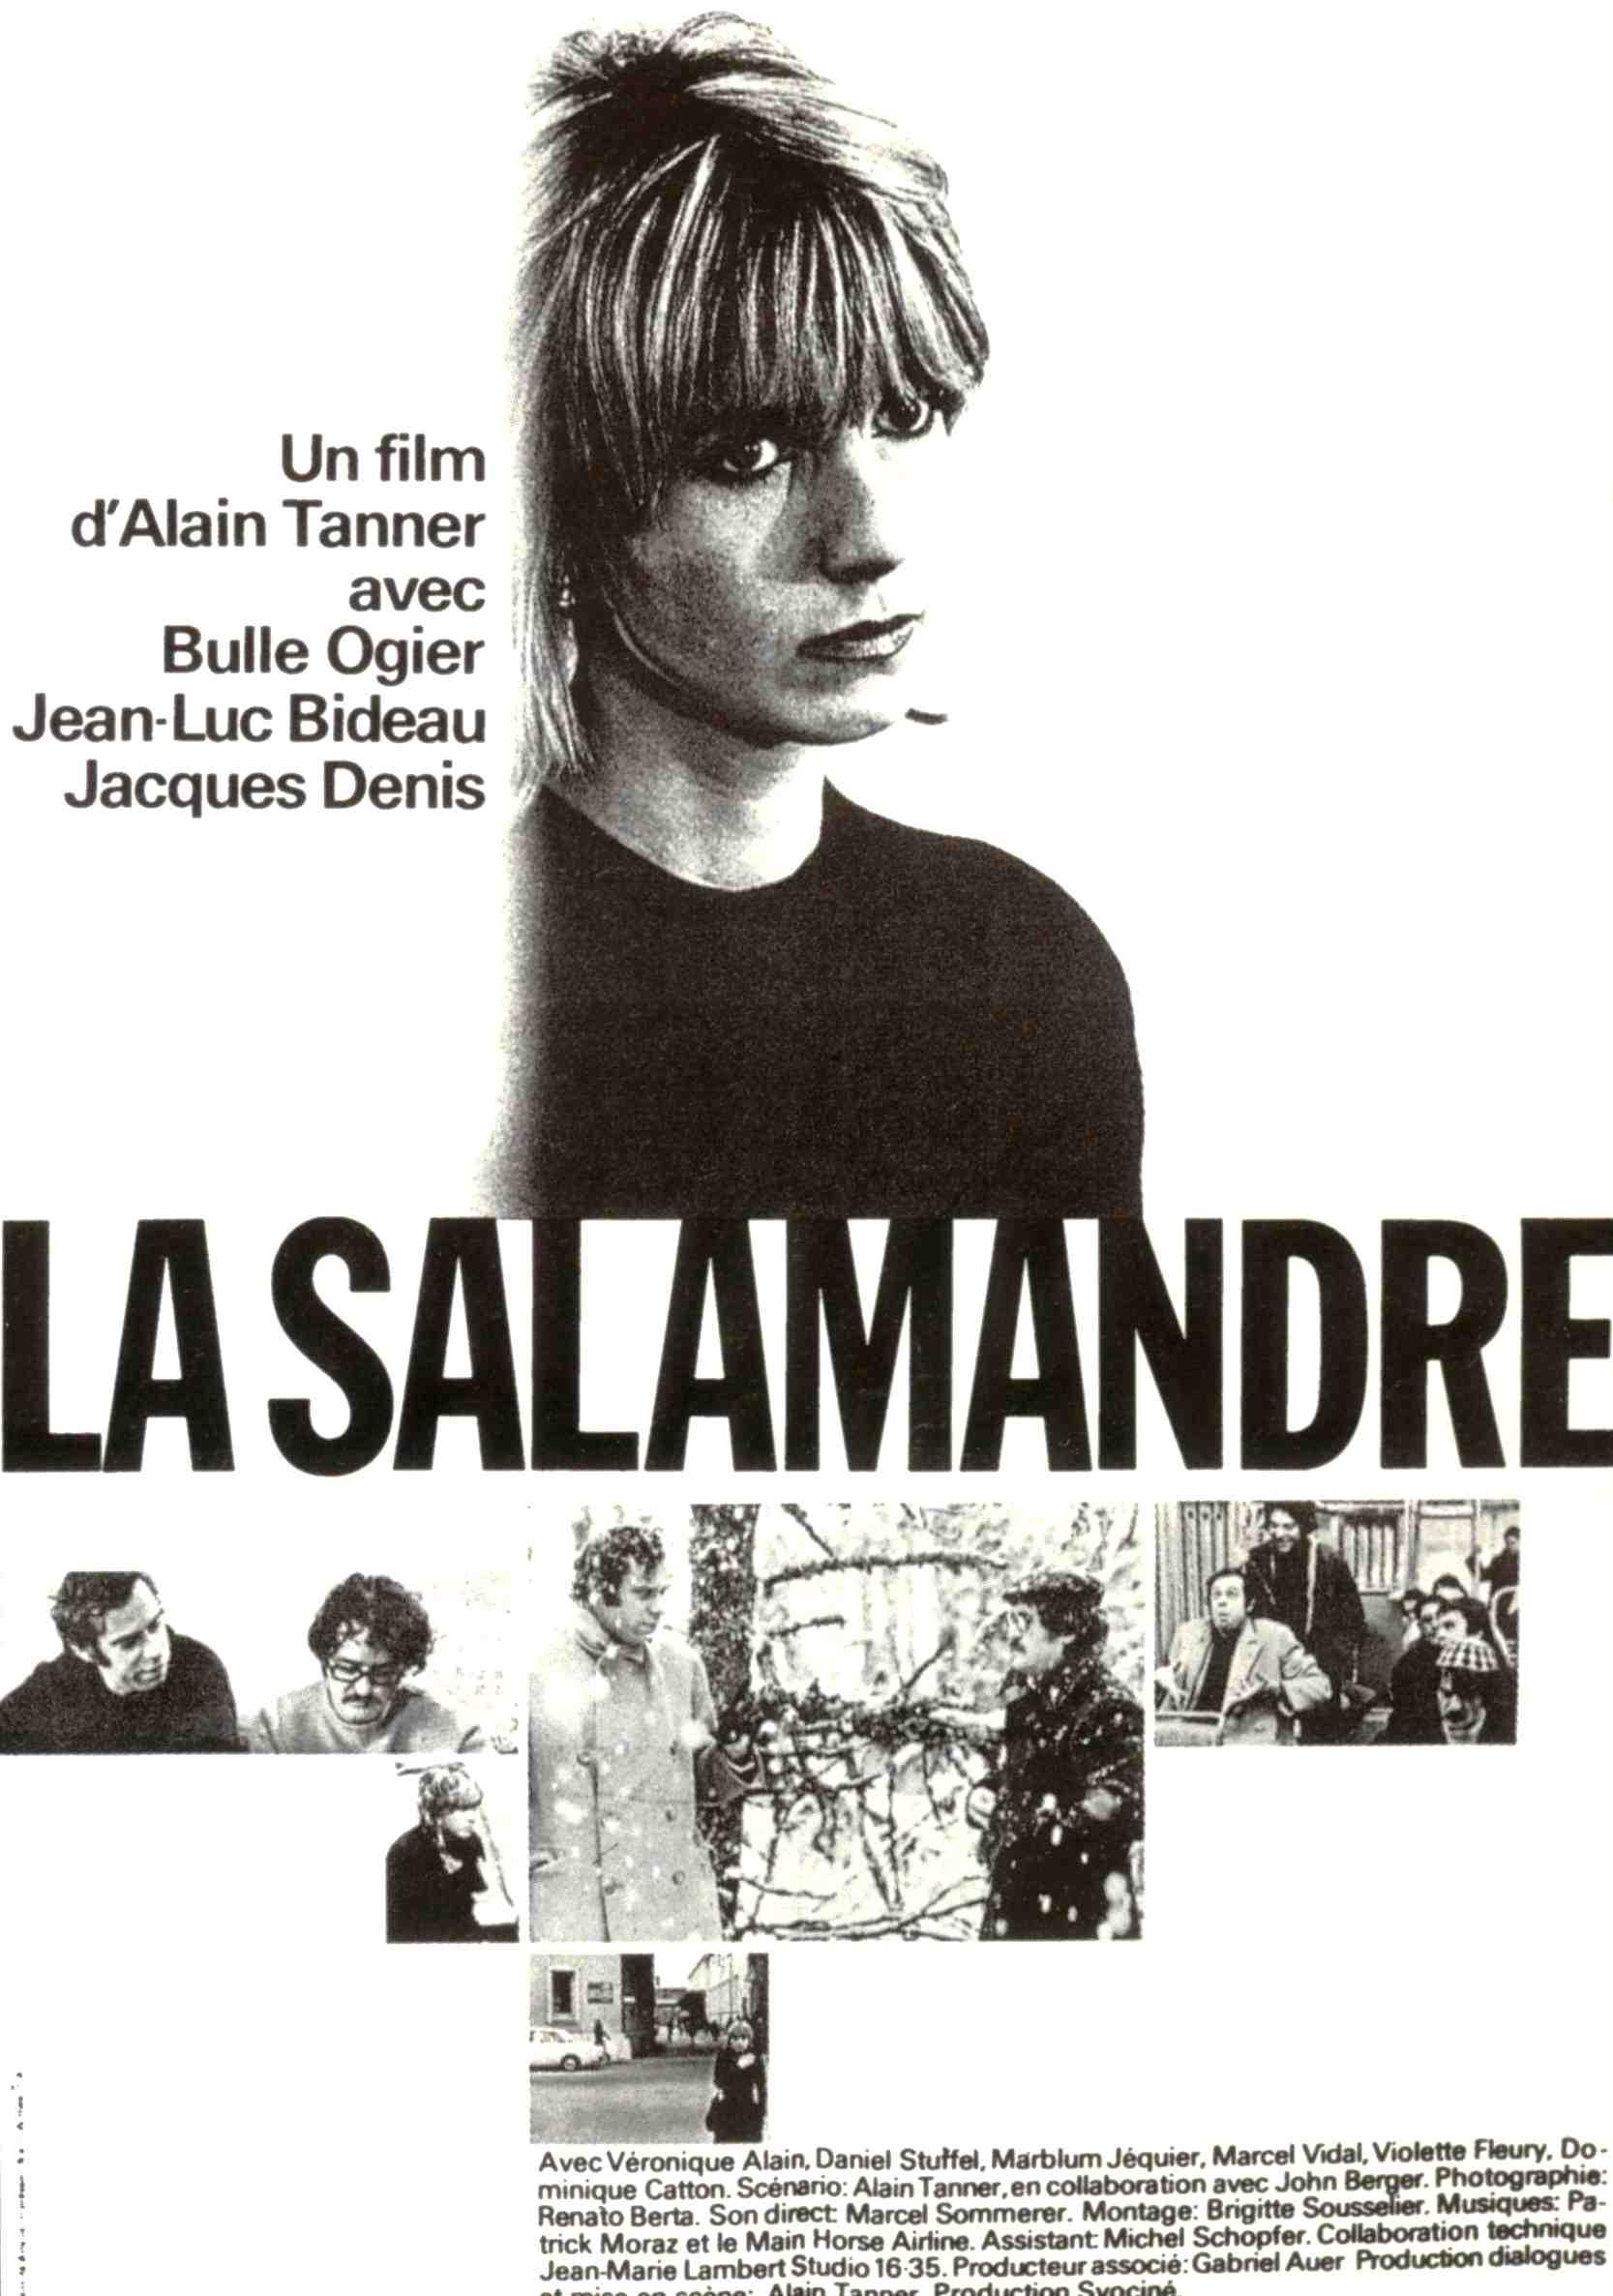 La Salamandre (1971), regia di Alain Tanner, sceneggiatura di Alain Tanner e John Berger